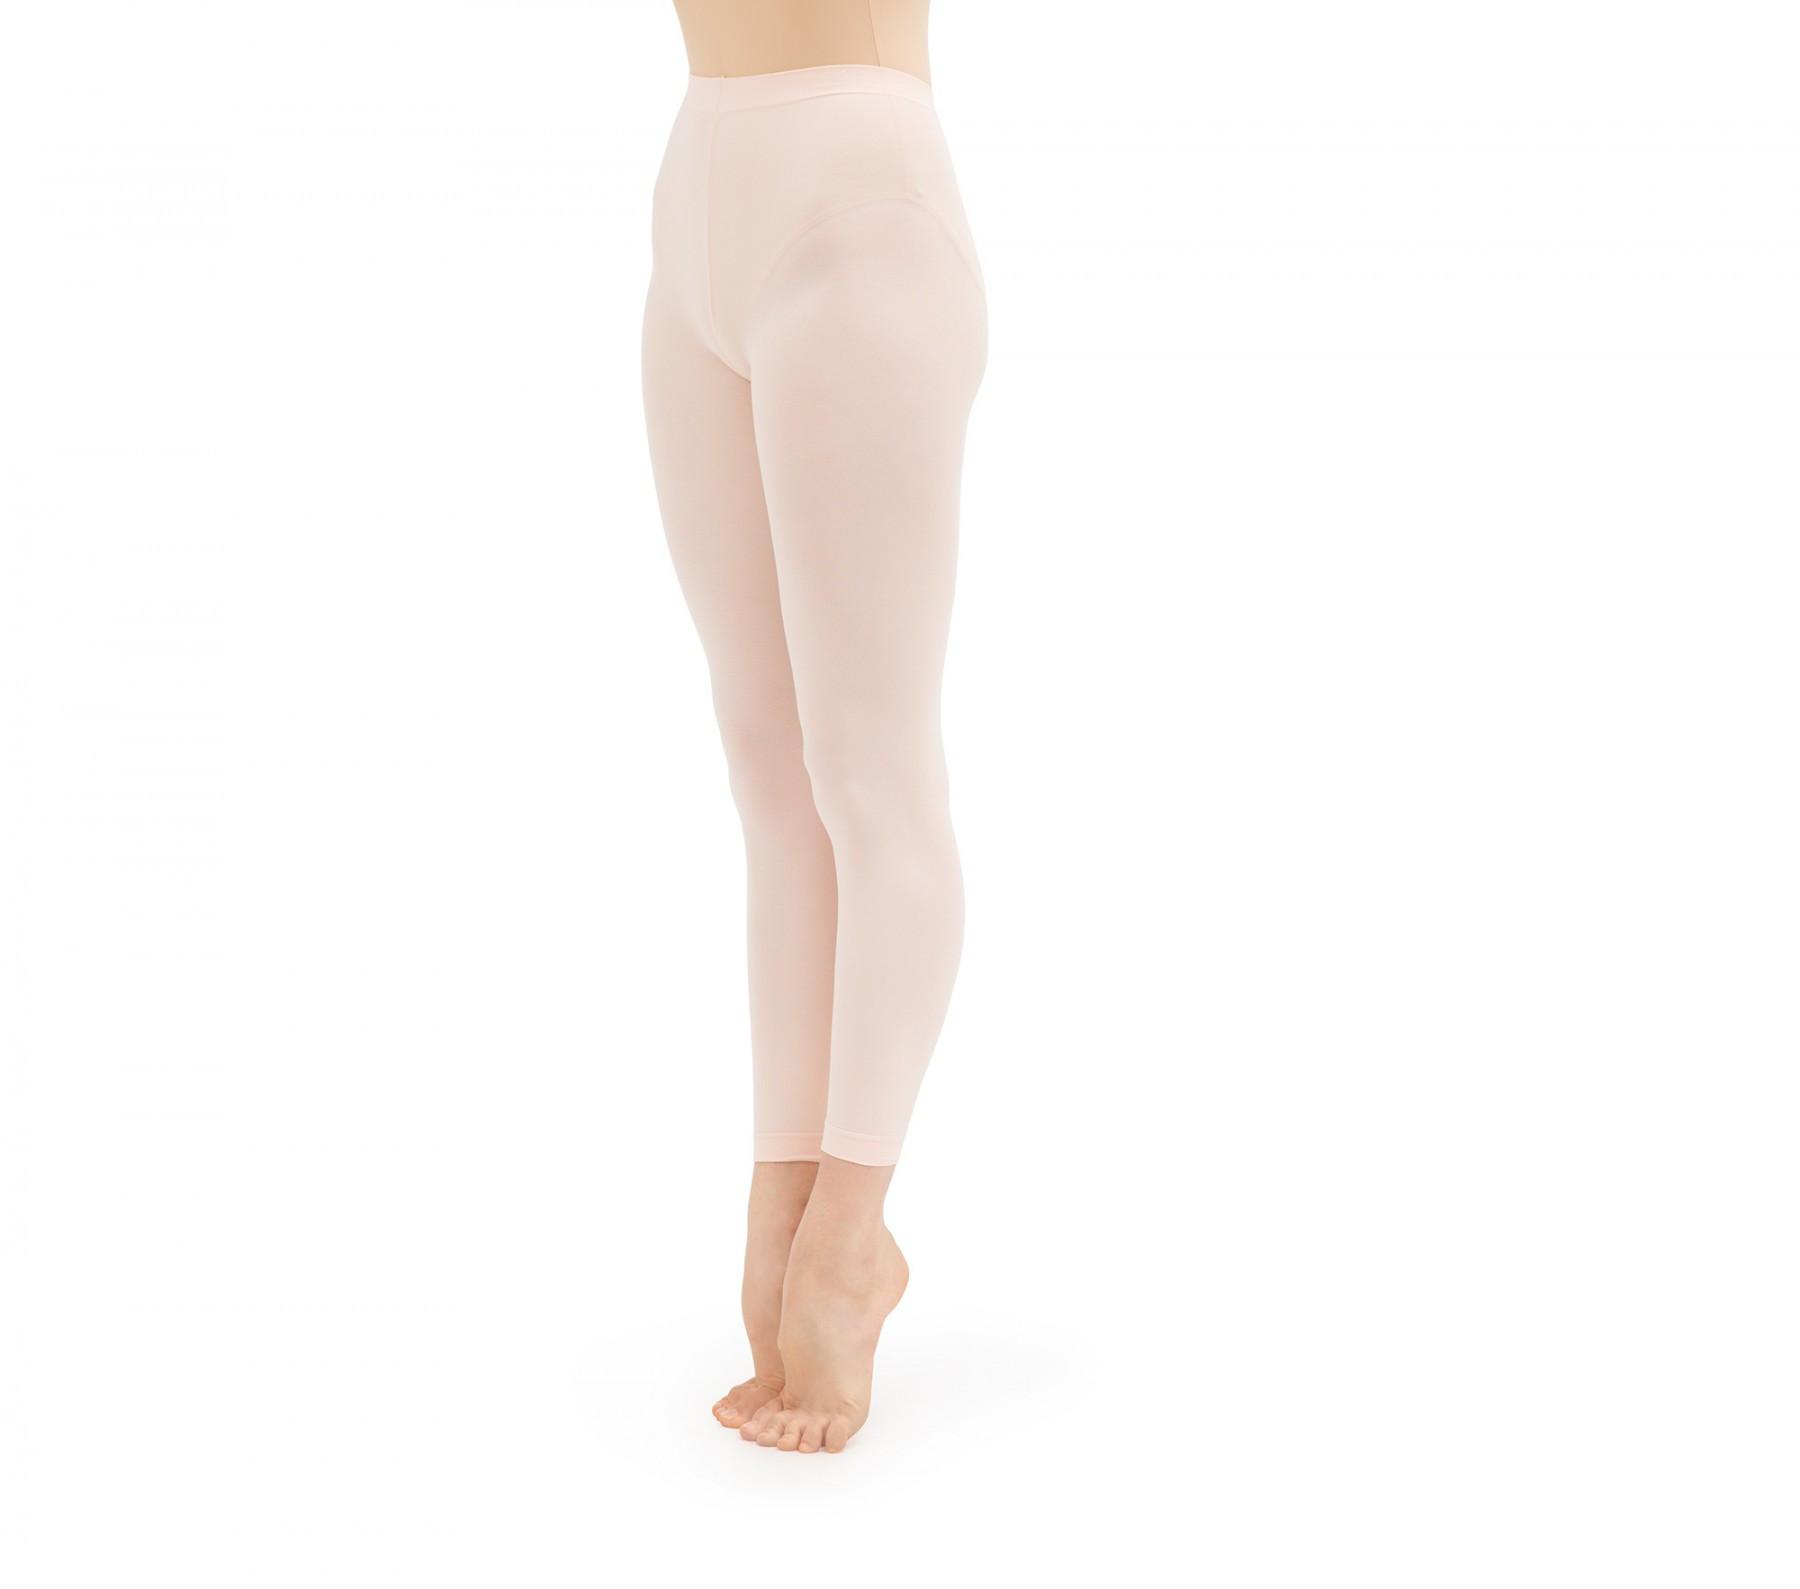 242e6a46695 Girl footless tights